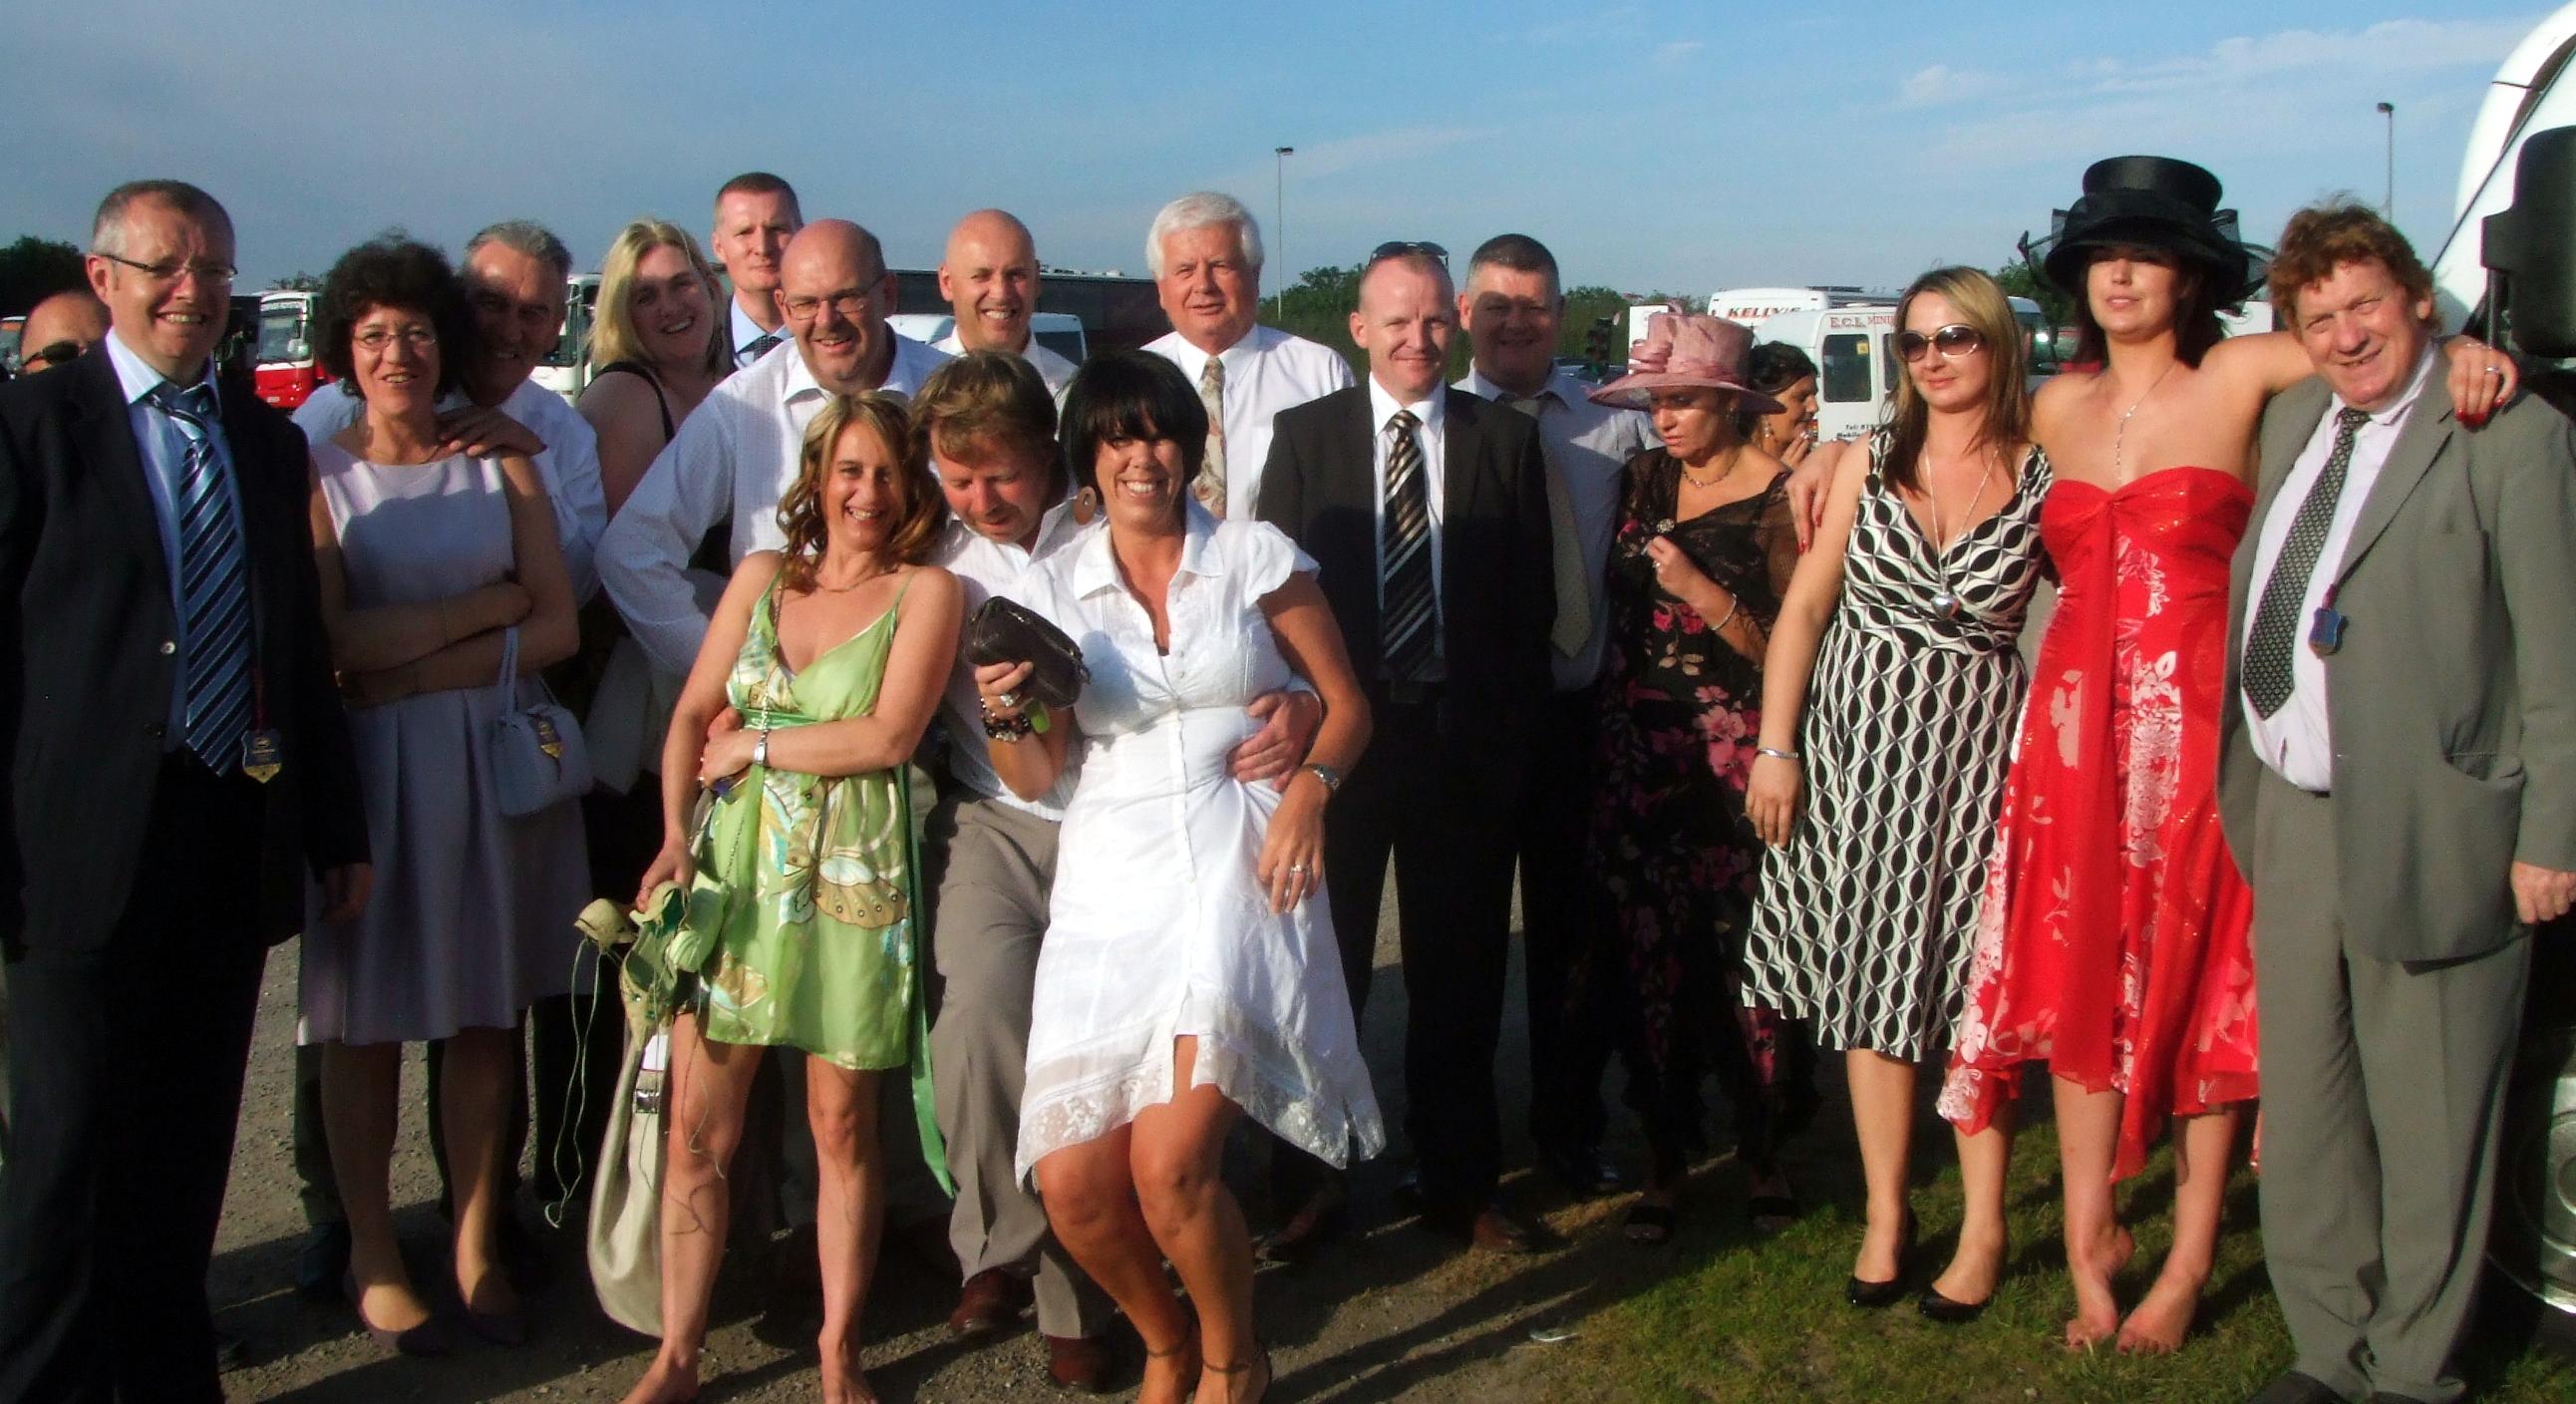 Kostenlose foto : Anzug, Mädchen, Pferd, Tourismus, Hochzeit ...